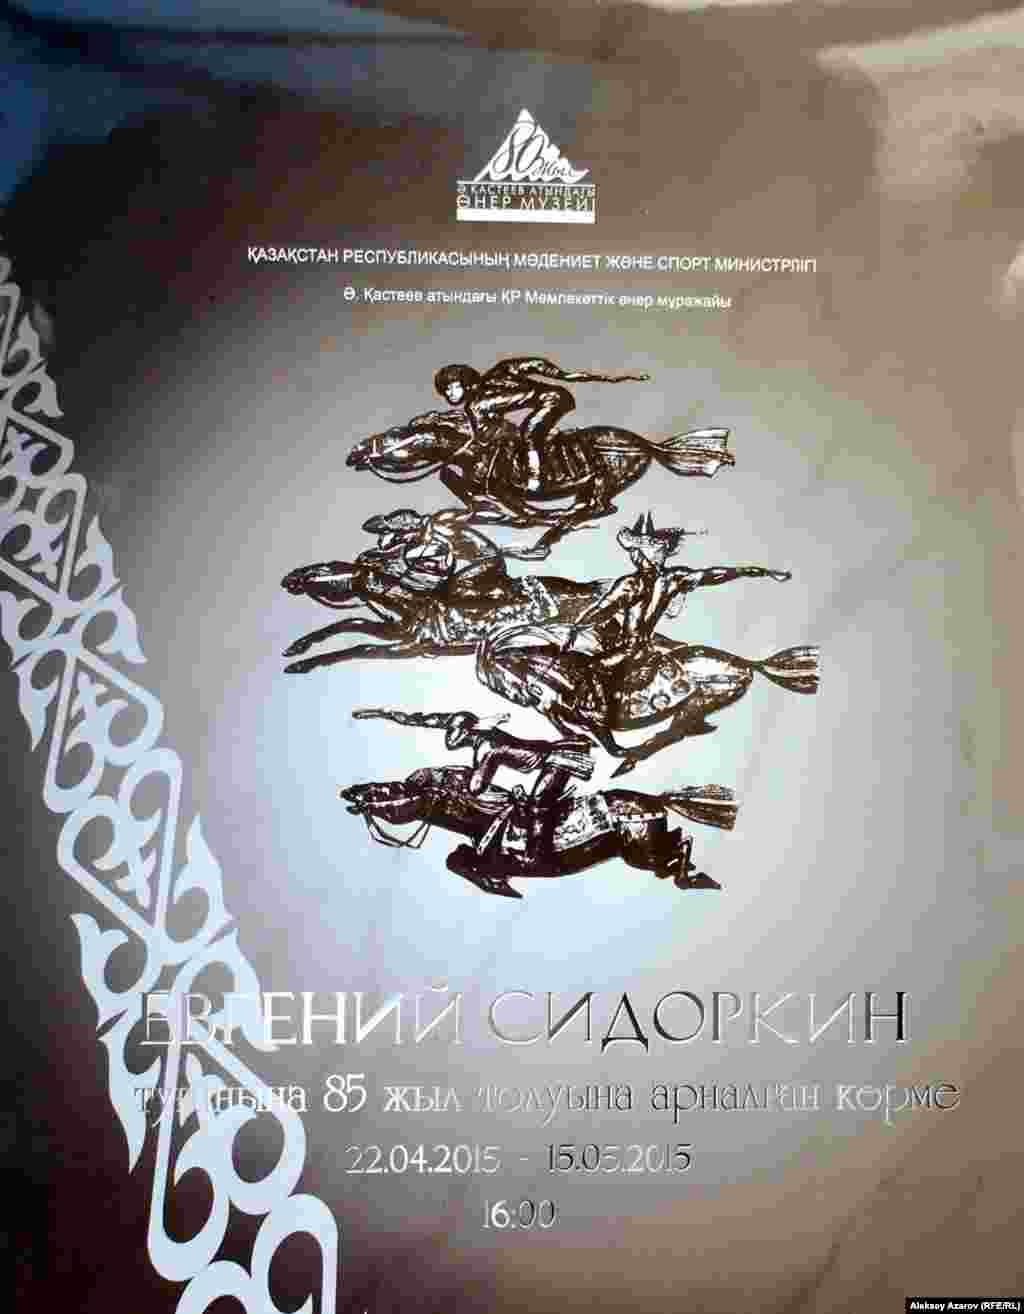 Евгений Матвеевич Сидоркин графика мәнеріндегі сурет шебері ретінде танымал. Ол Қазан, Рига және Ленинград қалаларында білім алған. 1957 жылдан бастап Алматыда тұрған.